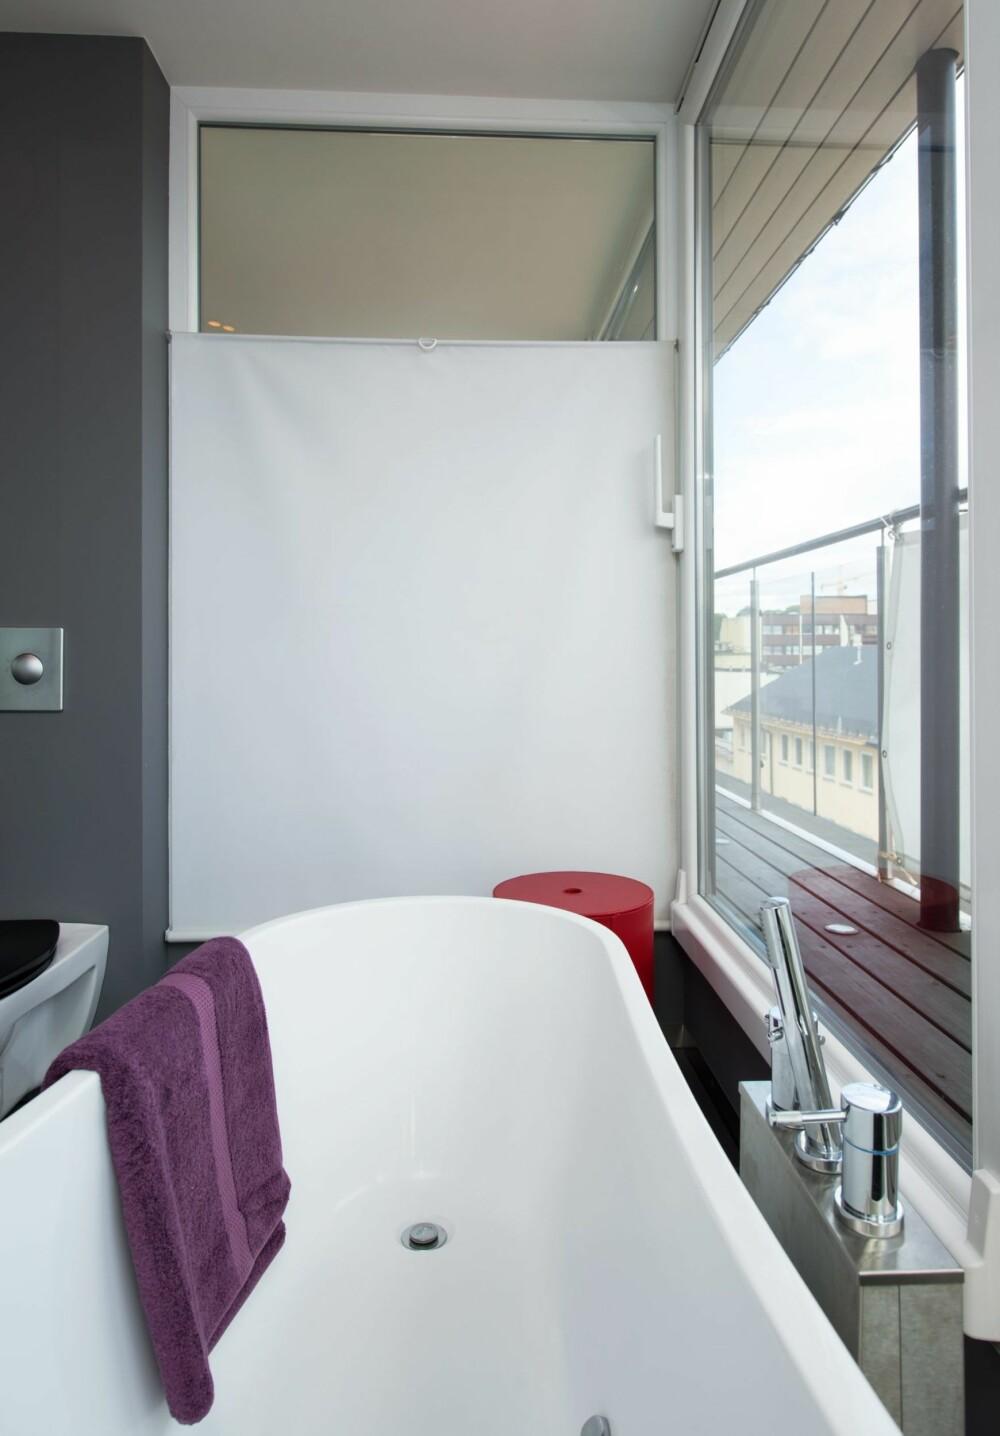 SKJERMET: Glassveggene inn til stuen og arbeidsrommet har fått skjerming som lett kan dras opp eller ned ved behov.